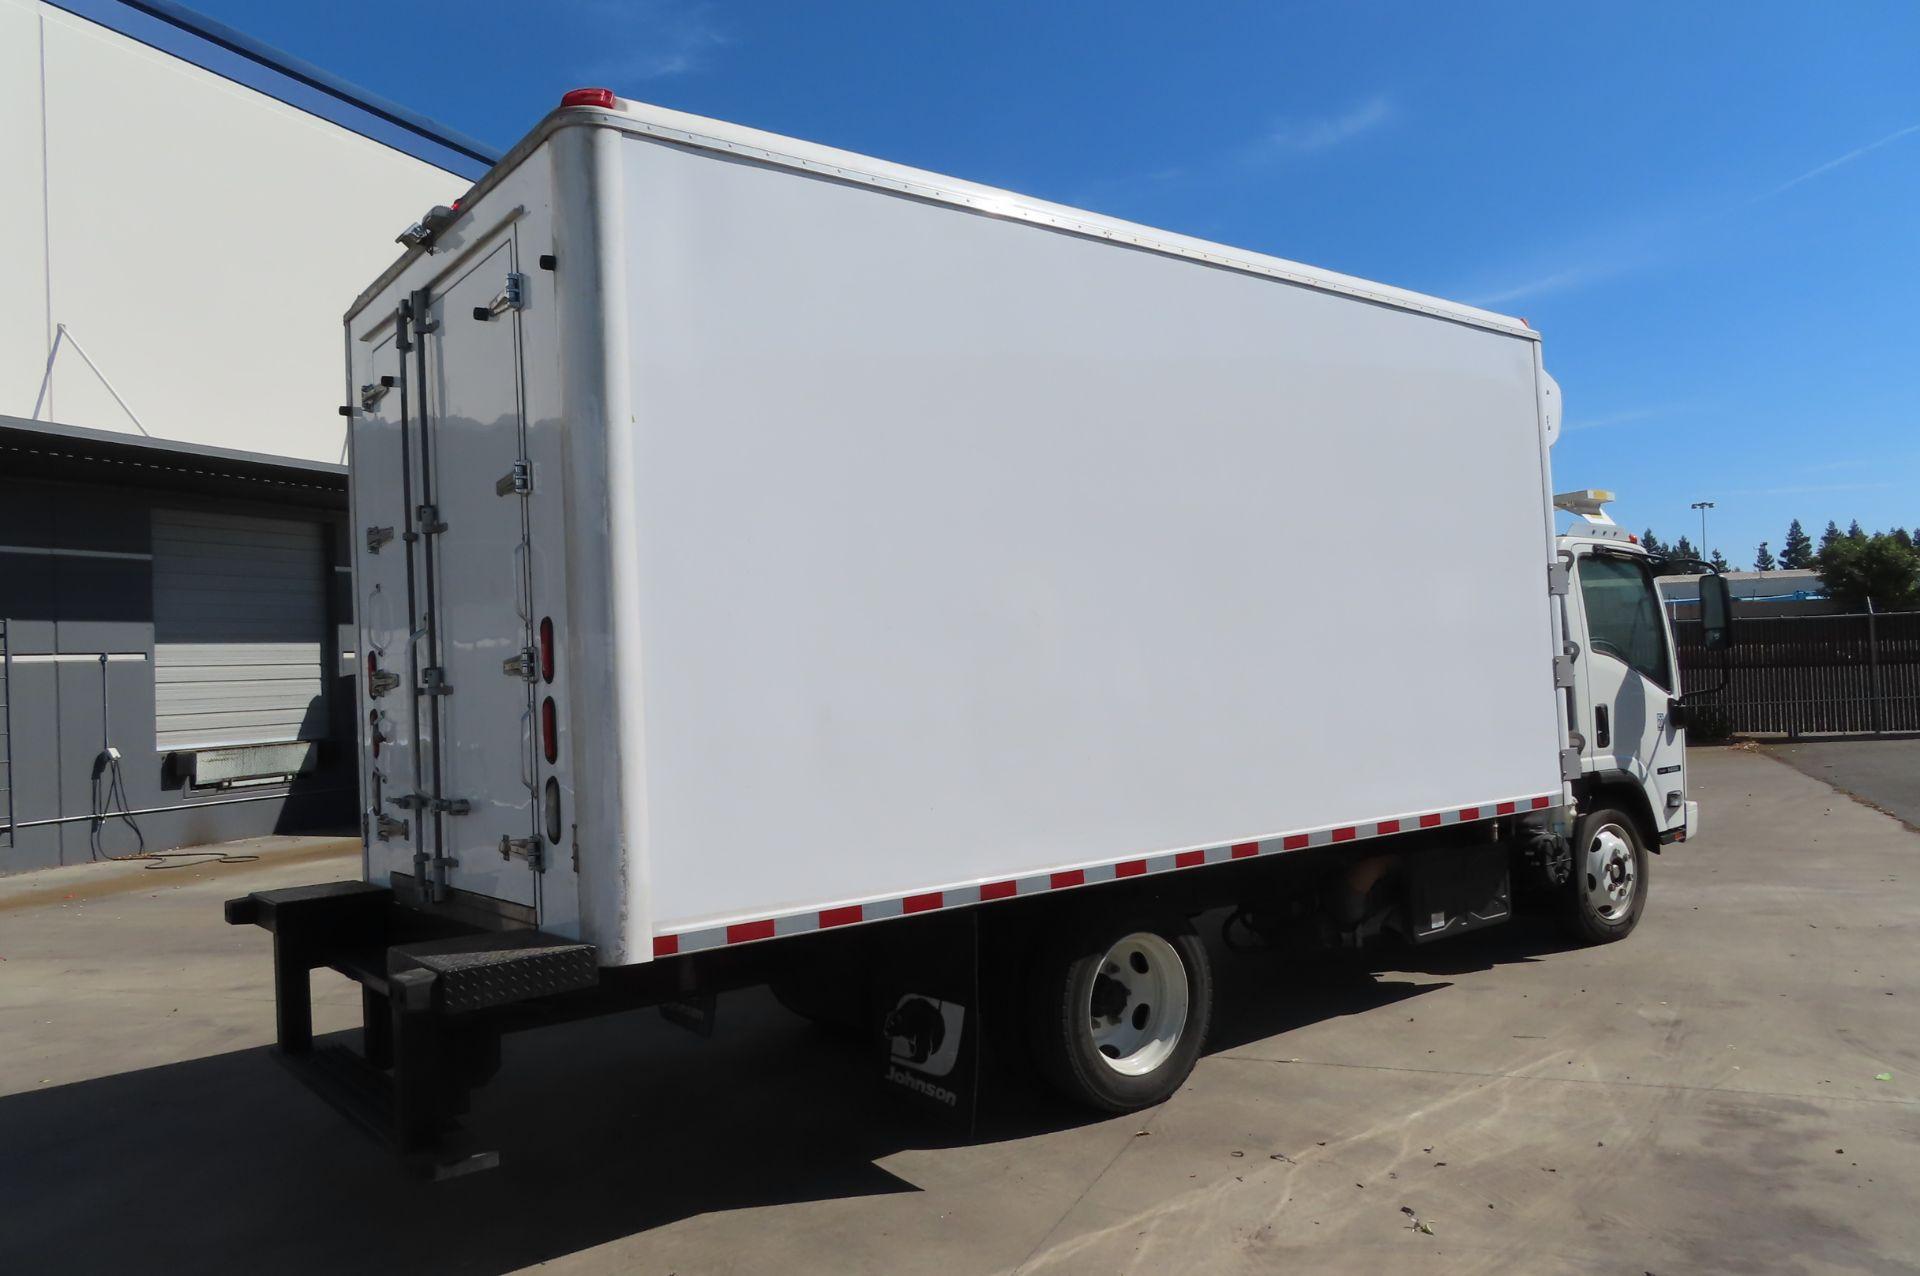 2019 Isuzu refrigerated truck - Image 4 of 6